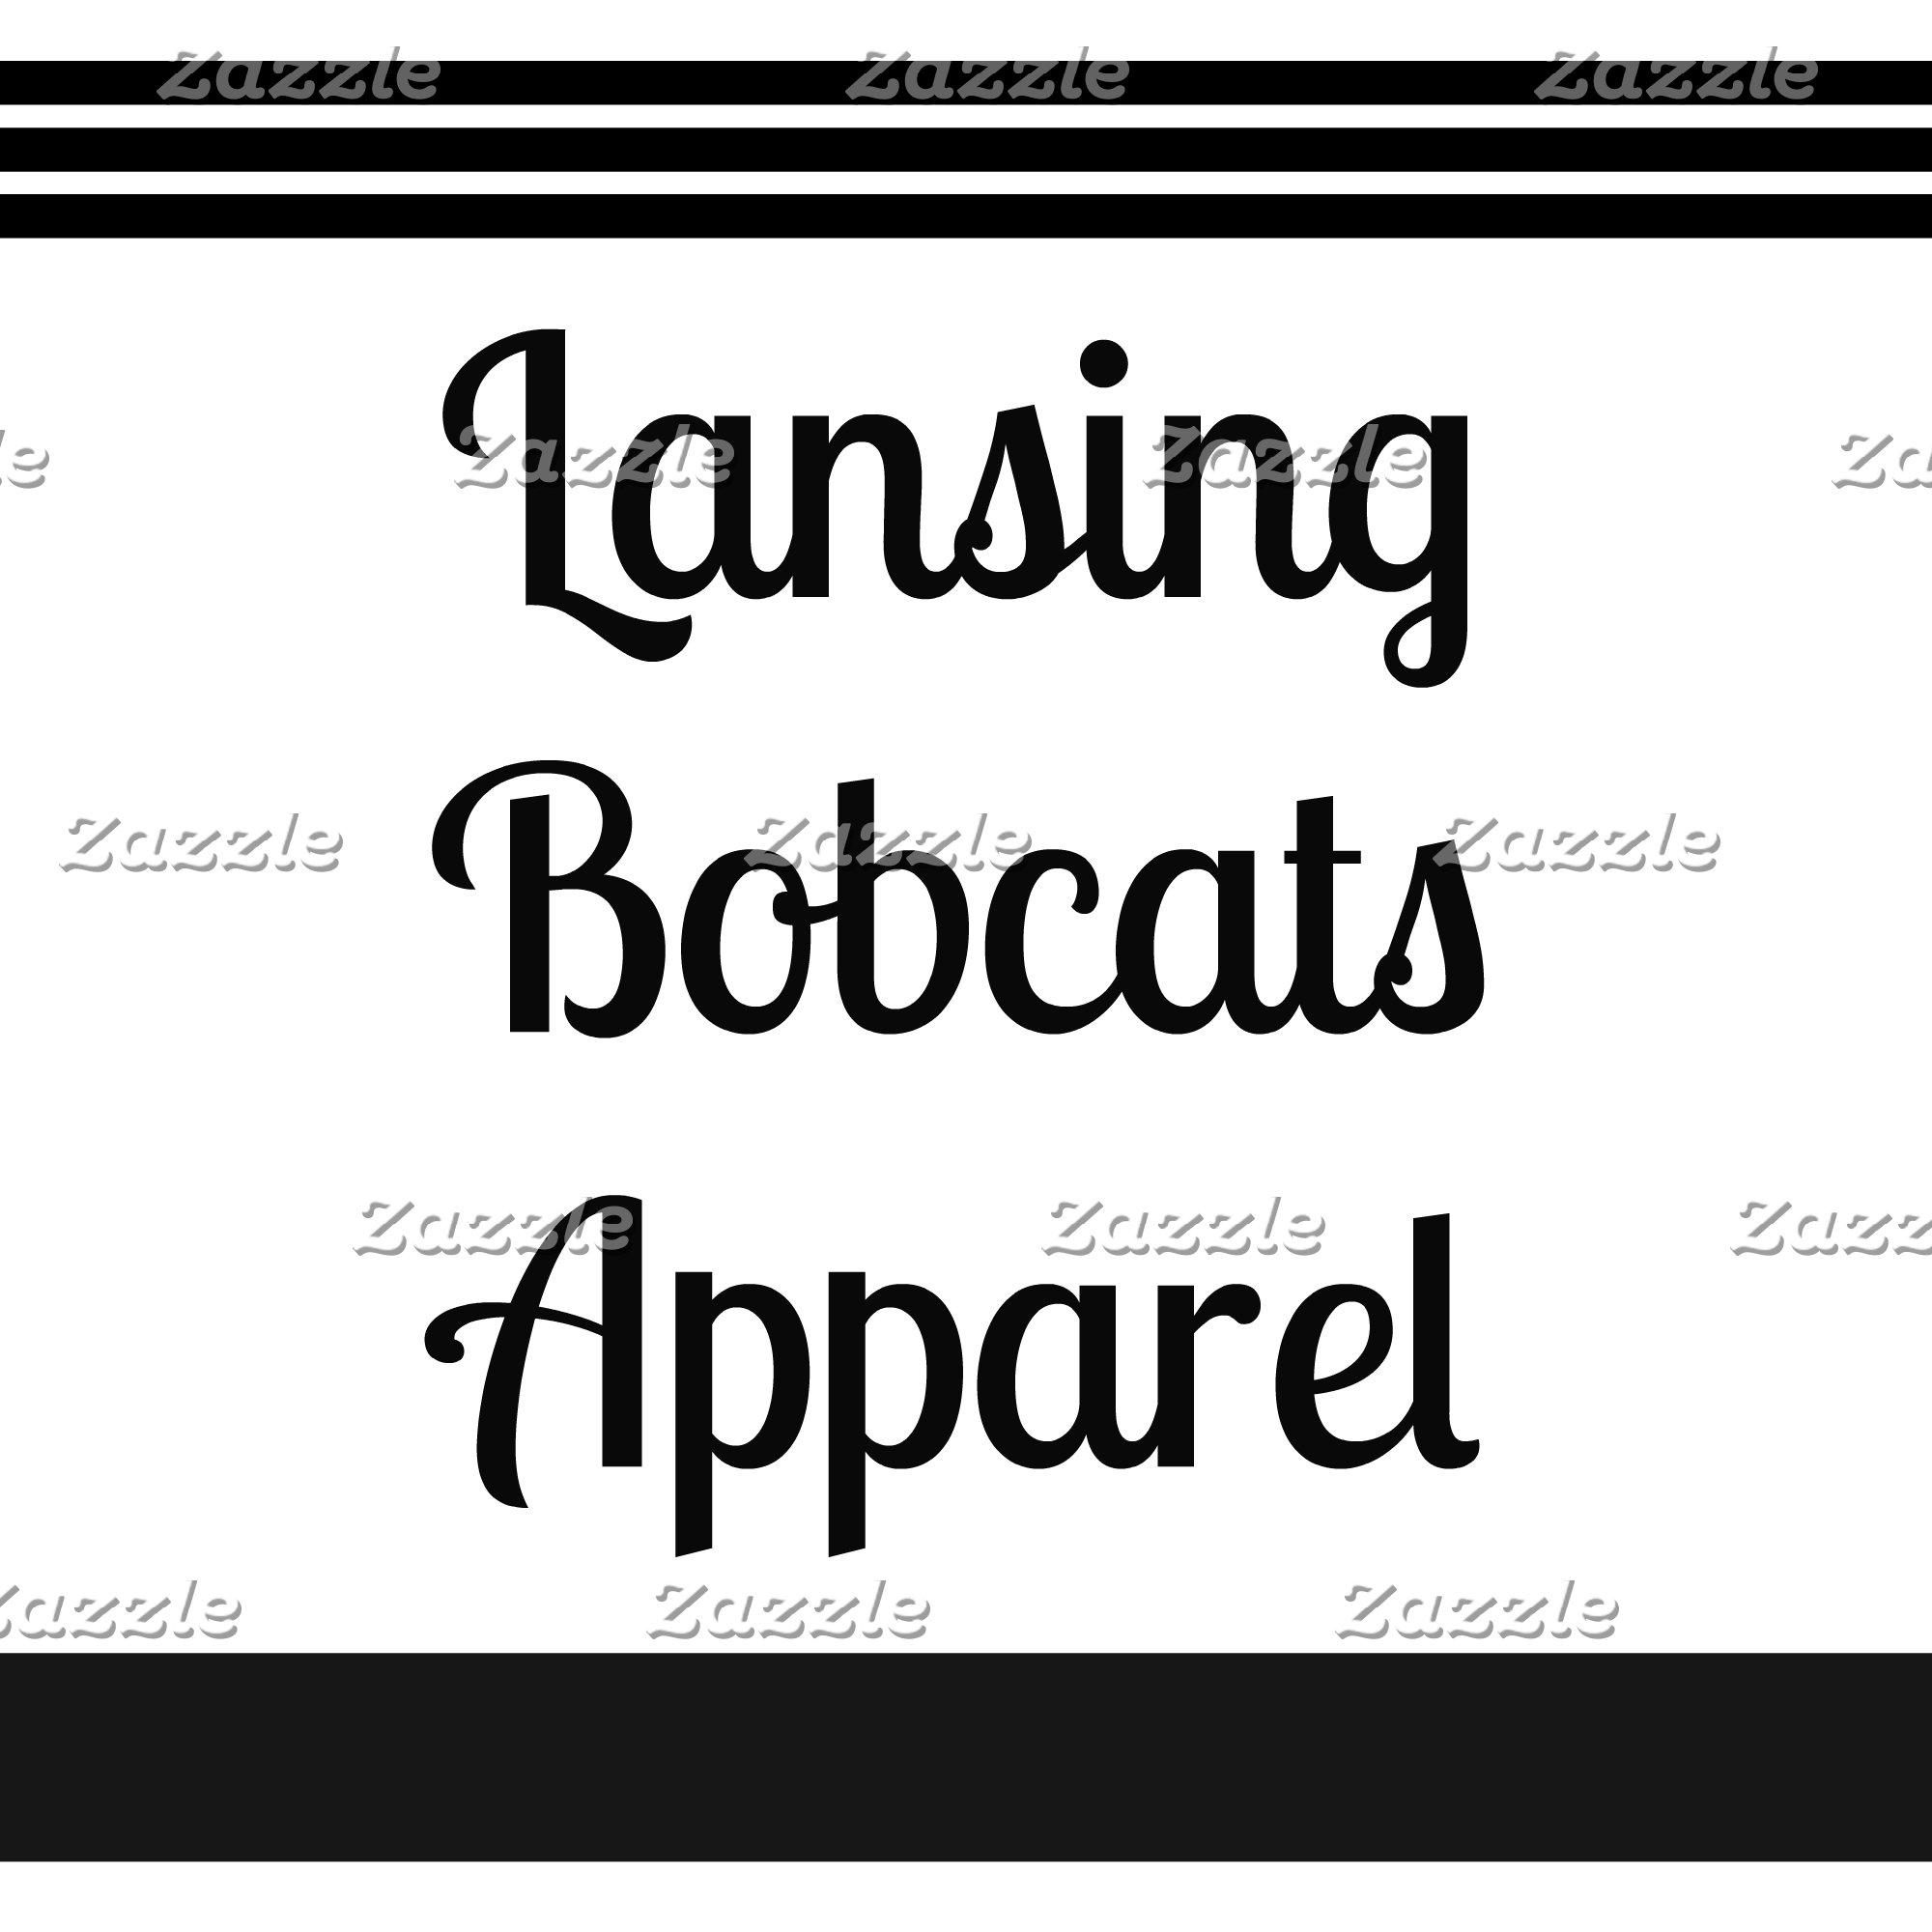 Lansing Apparel